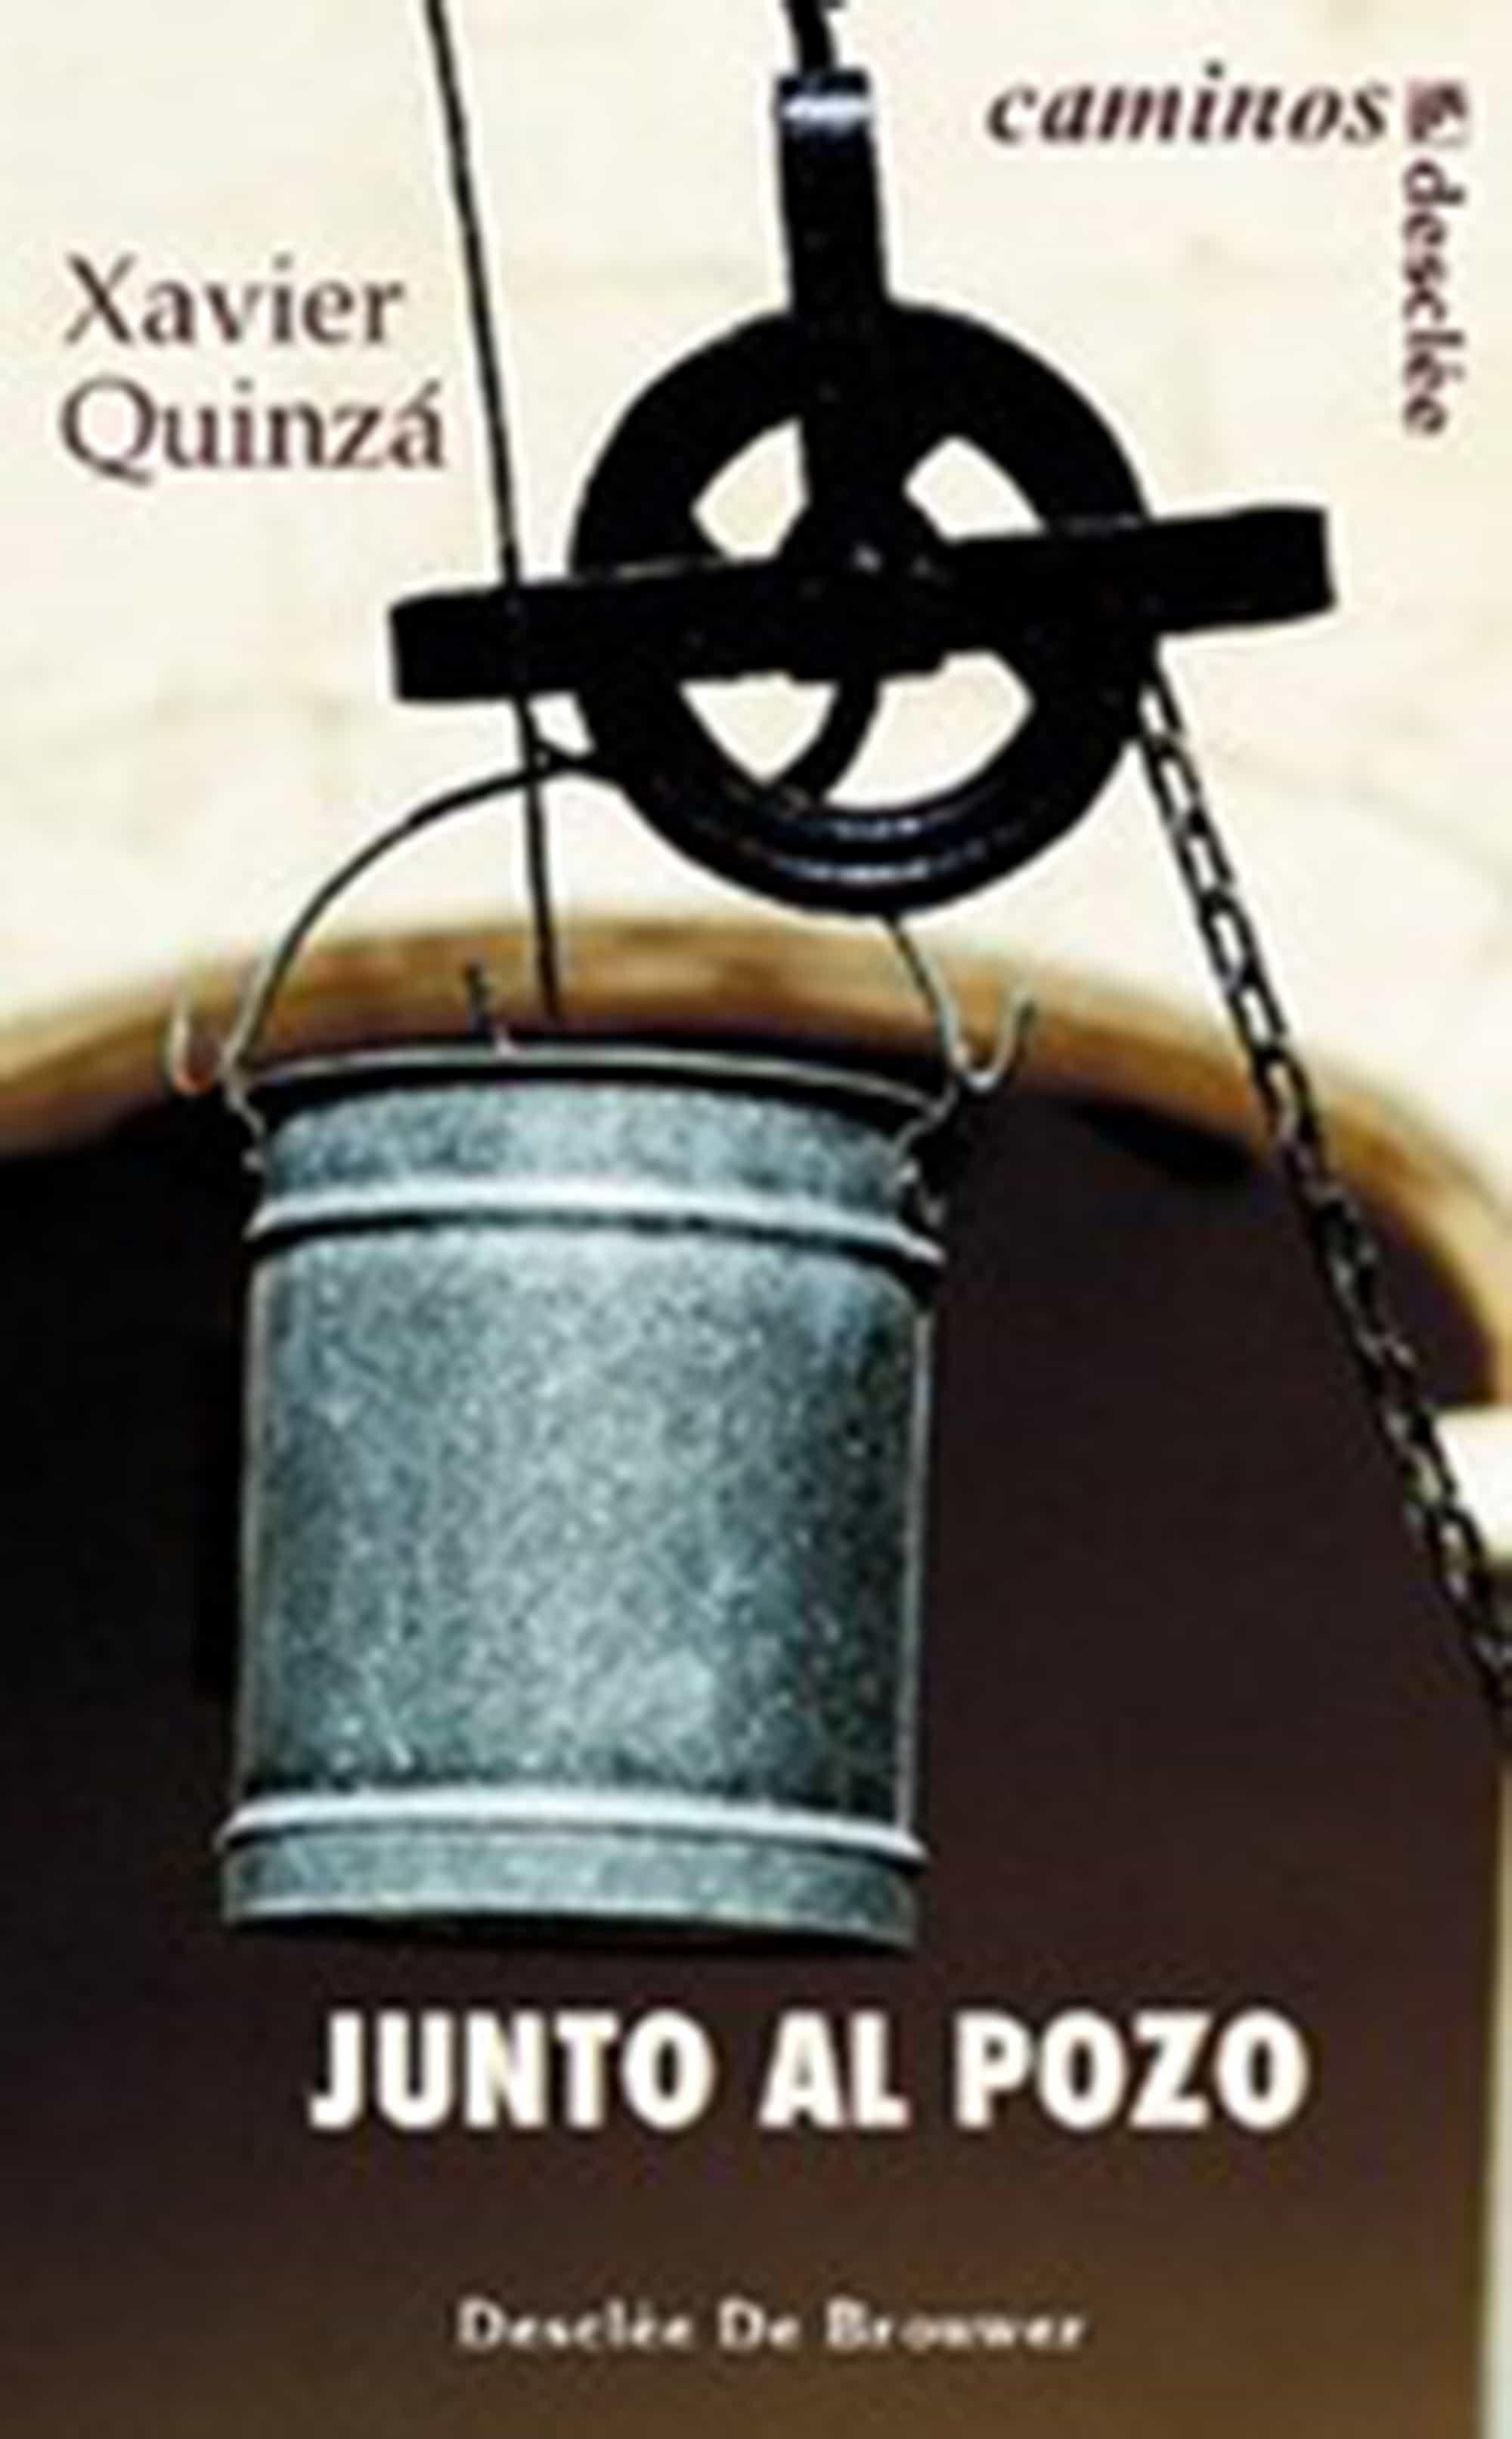 JUNTO AL POZO EBOOK | XAVIER QUINZA | Descargar libro PDF o EPUB ...